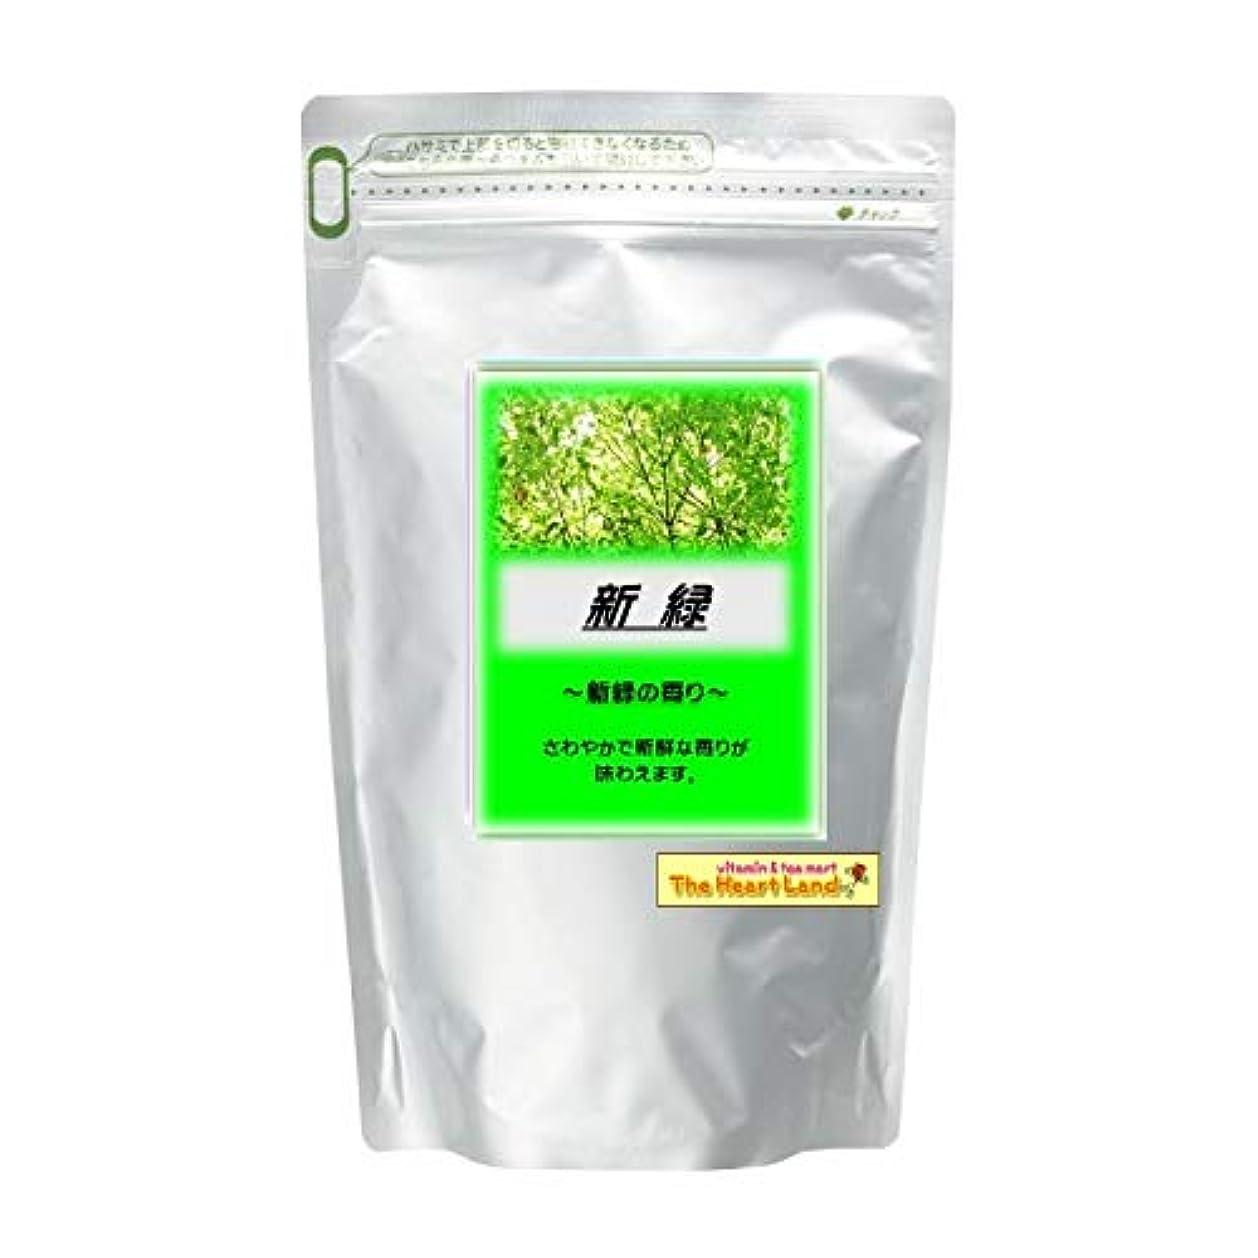 期間章土地アサヒ入浴剤 浴用入浴化粧品 新緑 300g